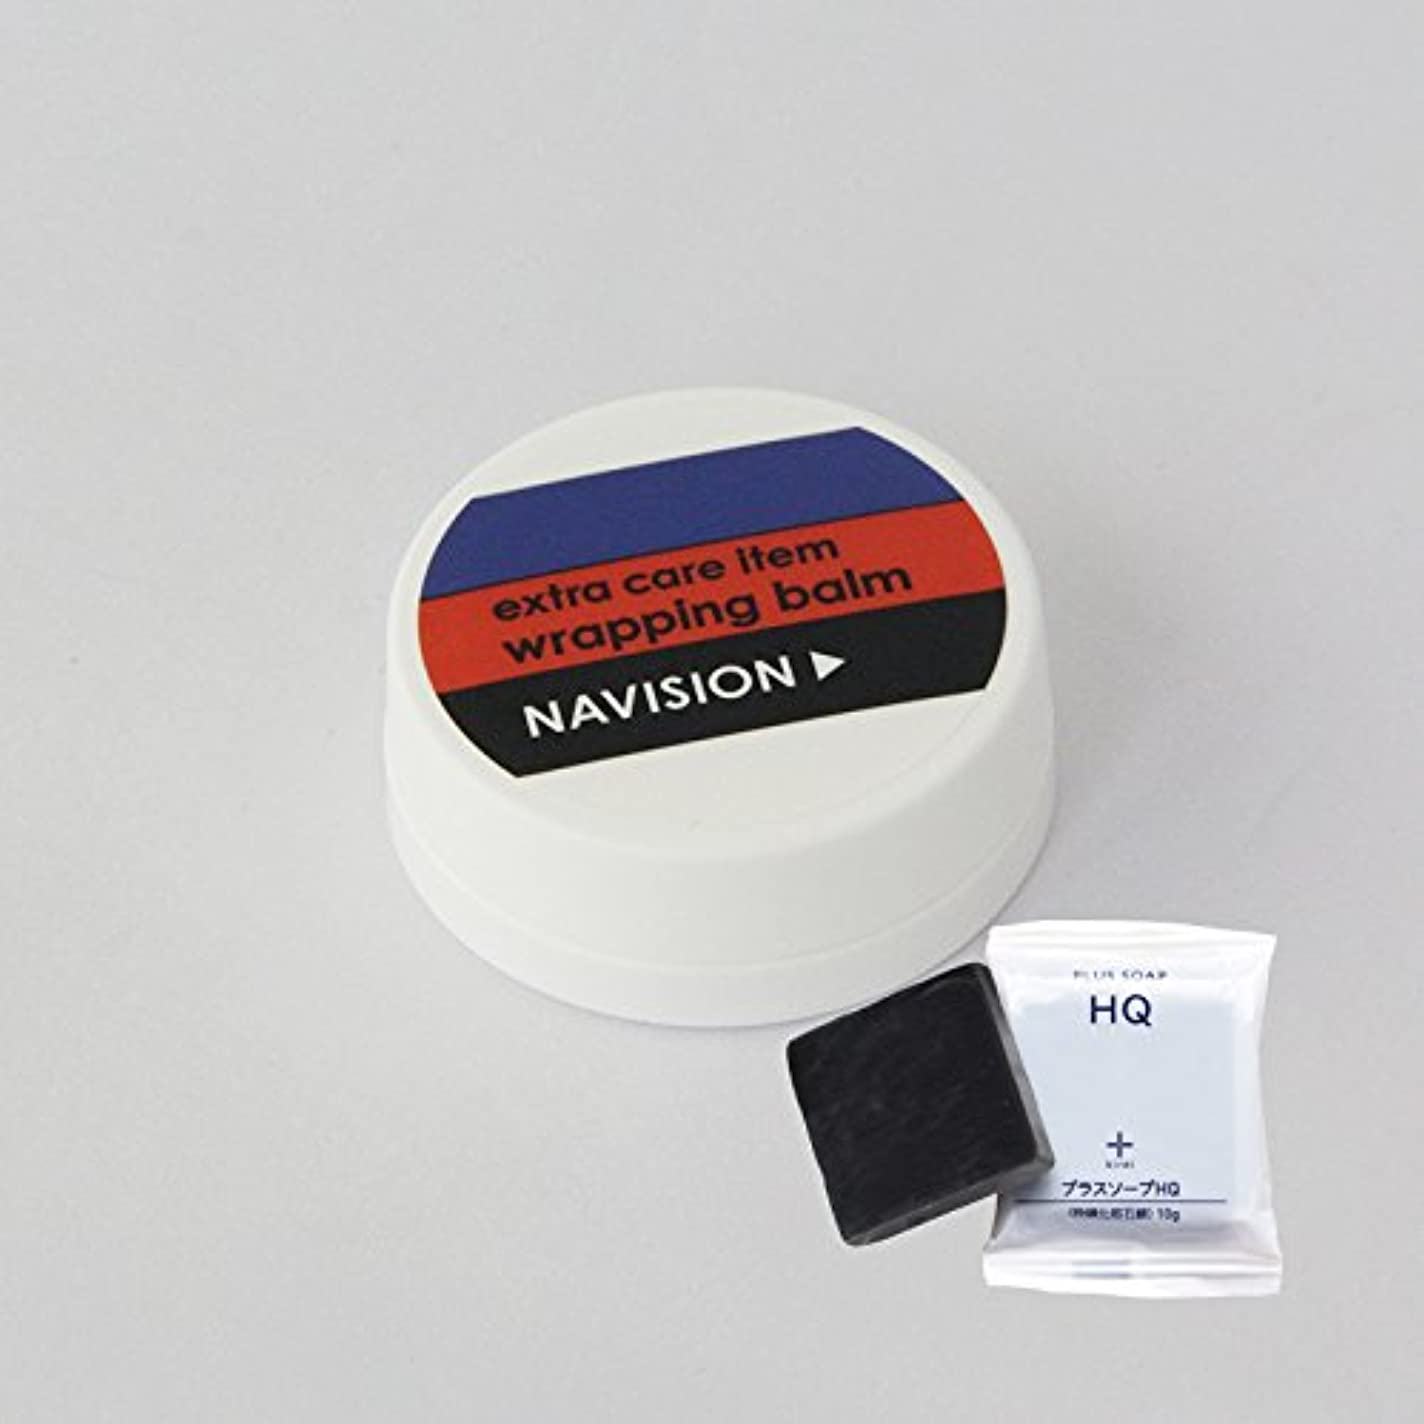 ファシズム謙虚な橋ナビジョン NAVISION ラッピングバーム 5g + プラスキレイ プラスソープHQミニ